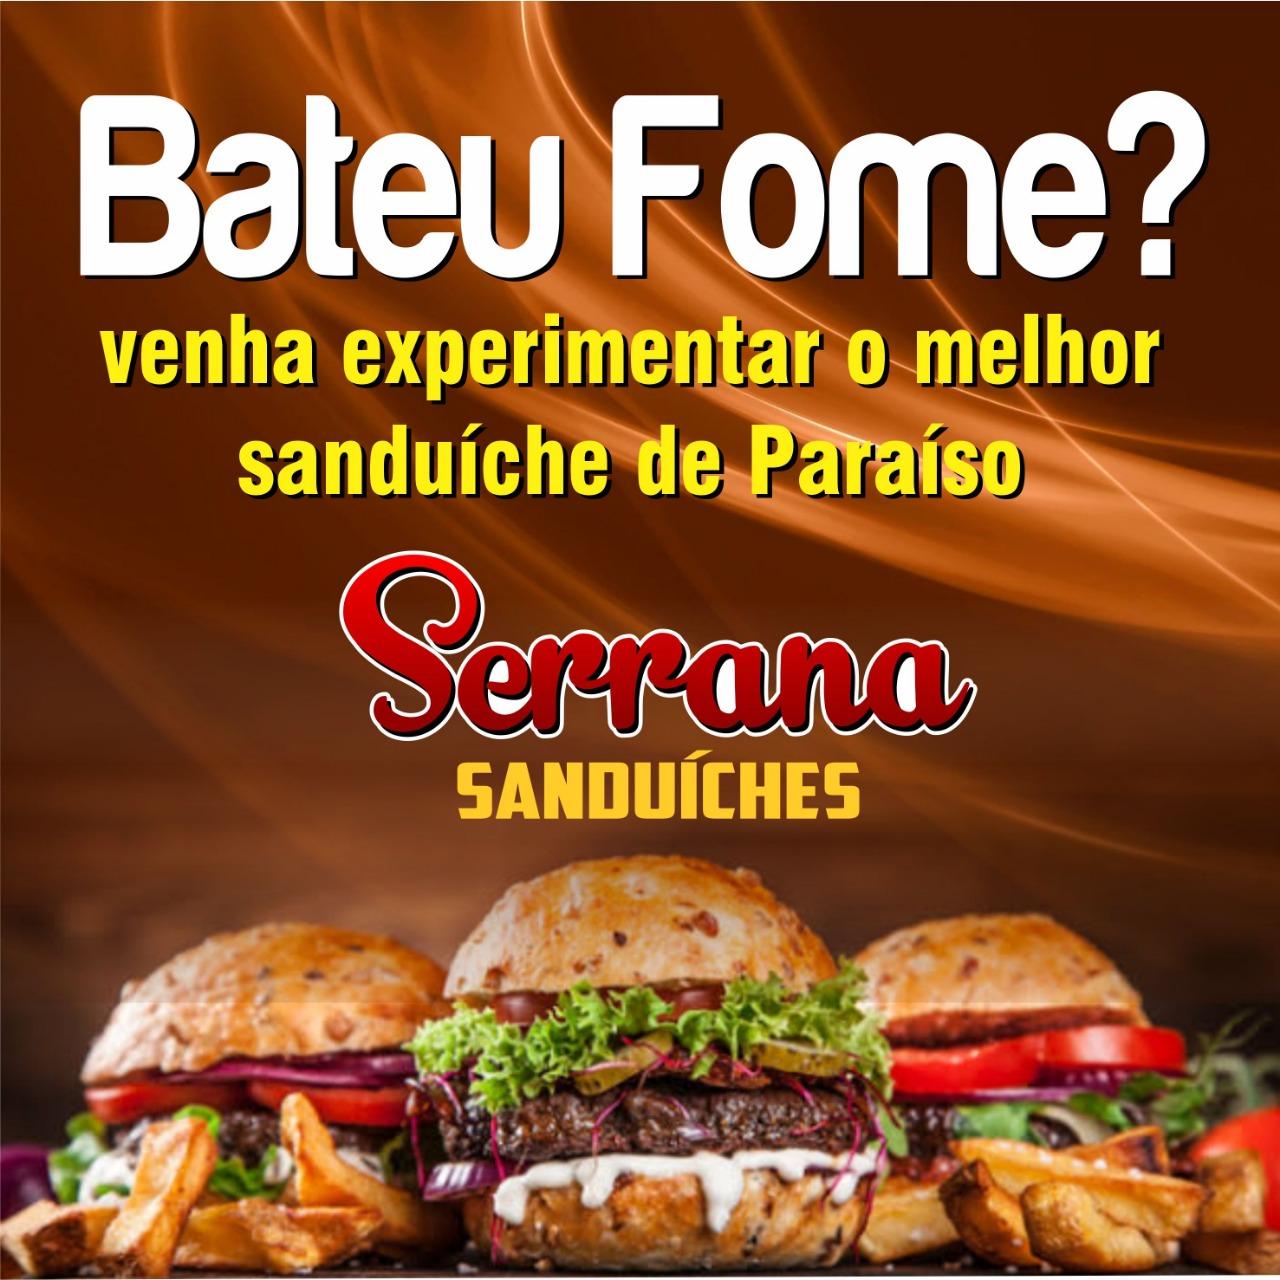 Cardápio da Serrana Sanduíches conquista consumidores de Paraíso do Tocantins